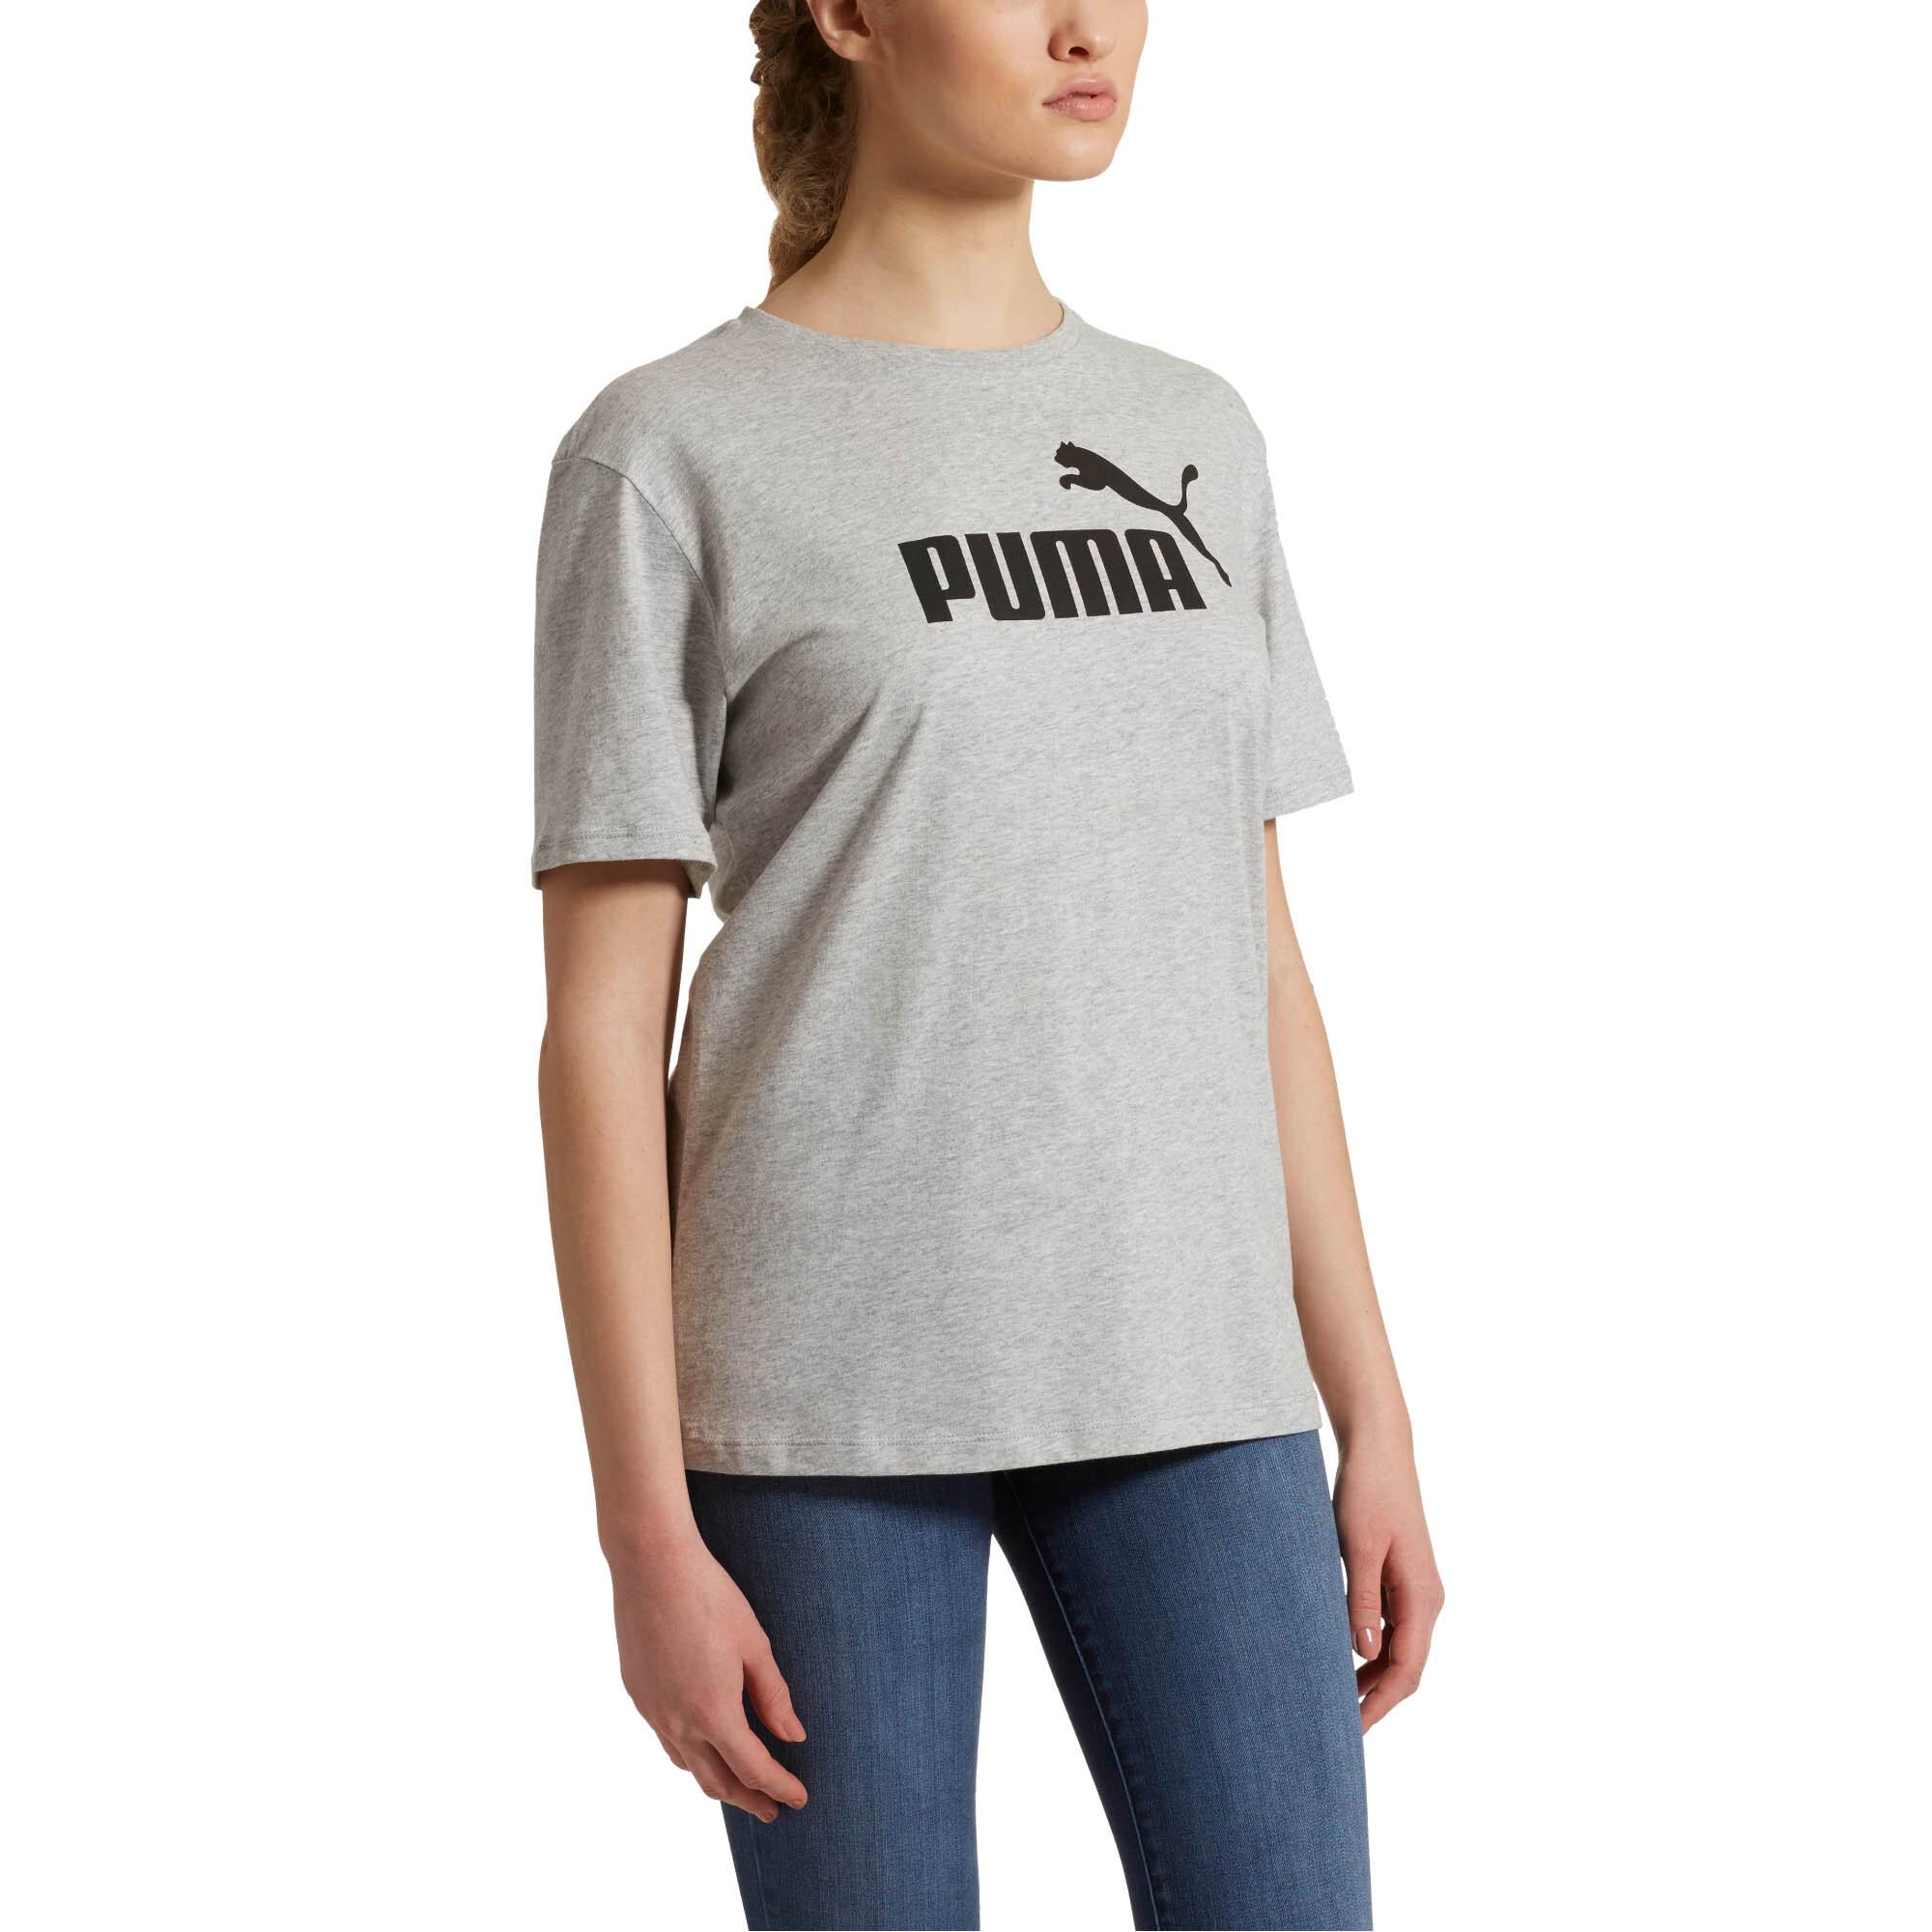 Shirts Puma Essential Logo Womens Ladies Sports Fashion Boyfriend T-shirt Tee Women's Clothing